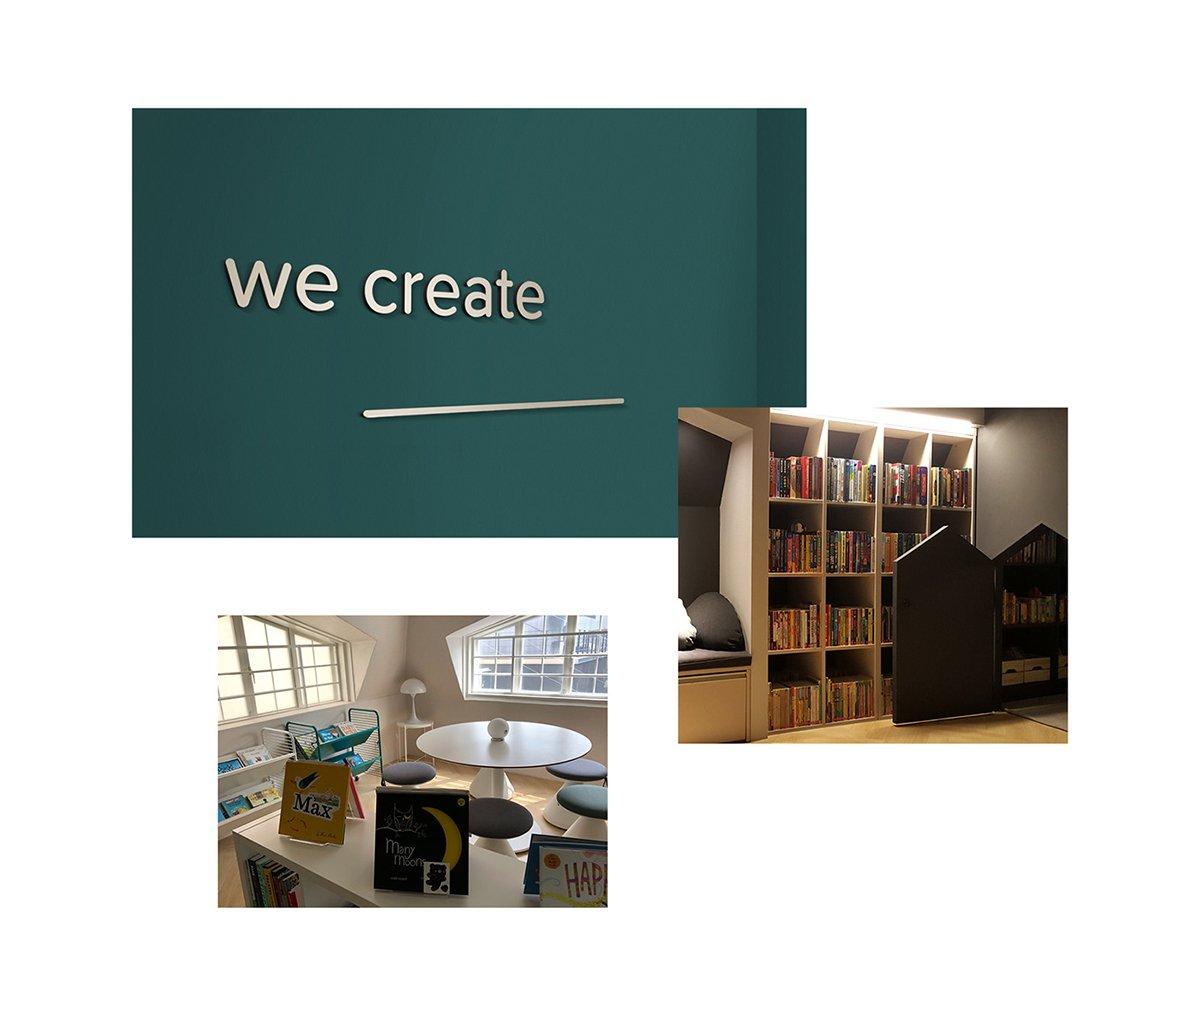 藝術教育機構品牌vi設計和品牌包裝設計